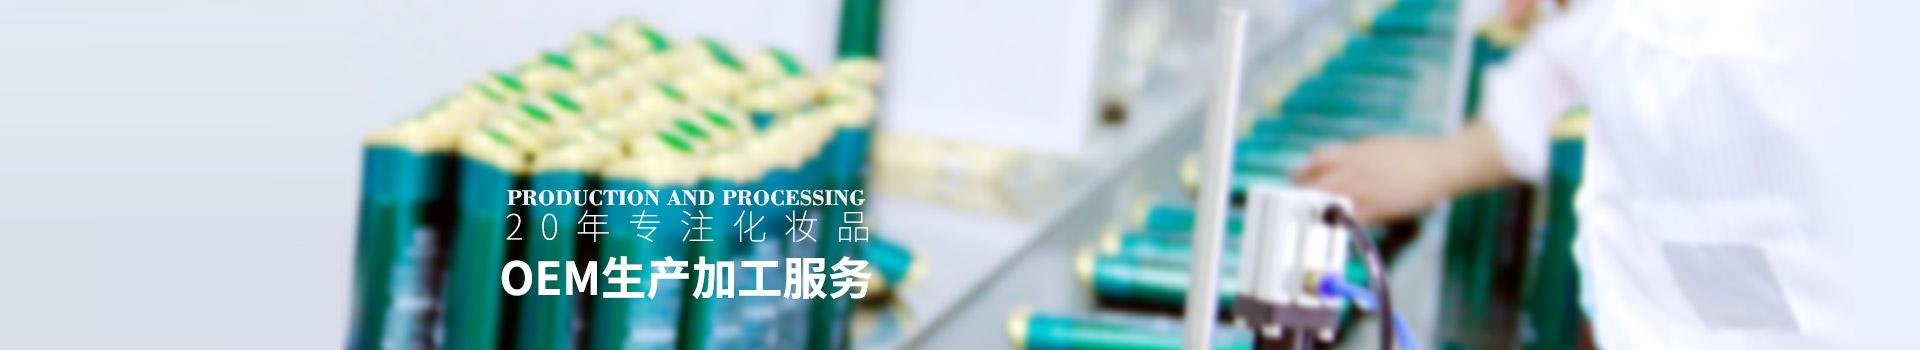 采乐-20年专注化妆品OEM生产加工服务